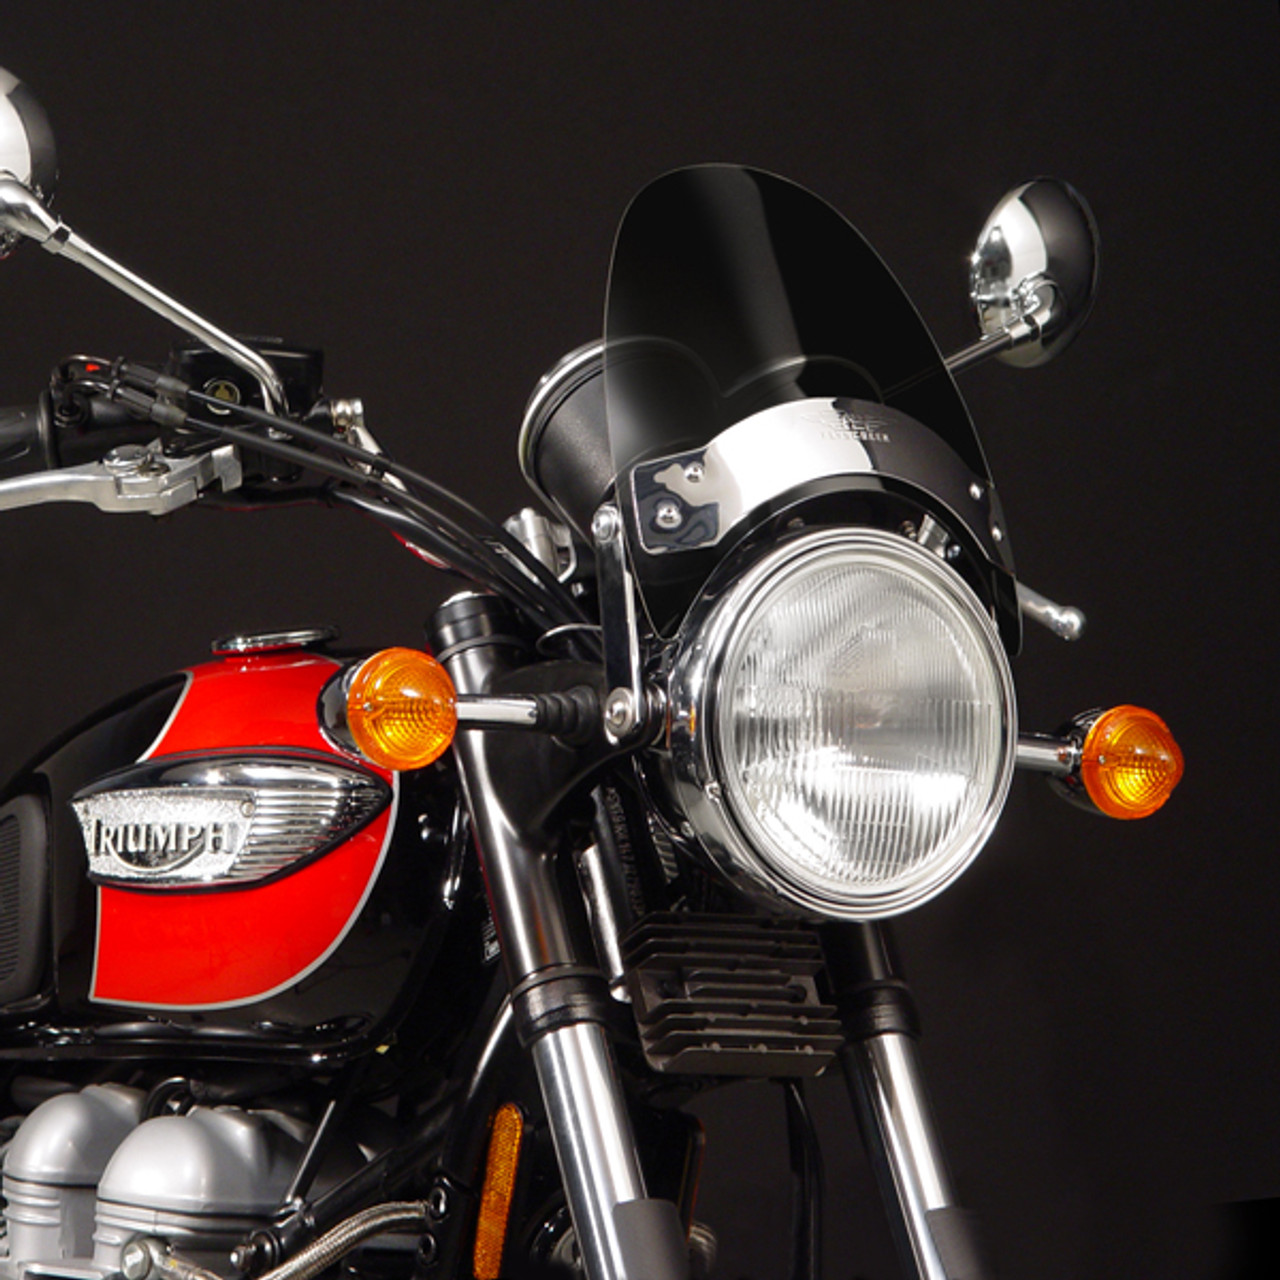 Fly Screen Windscreen Windshield Triumph Adventurer Legend TT, Smoke